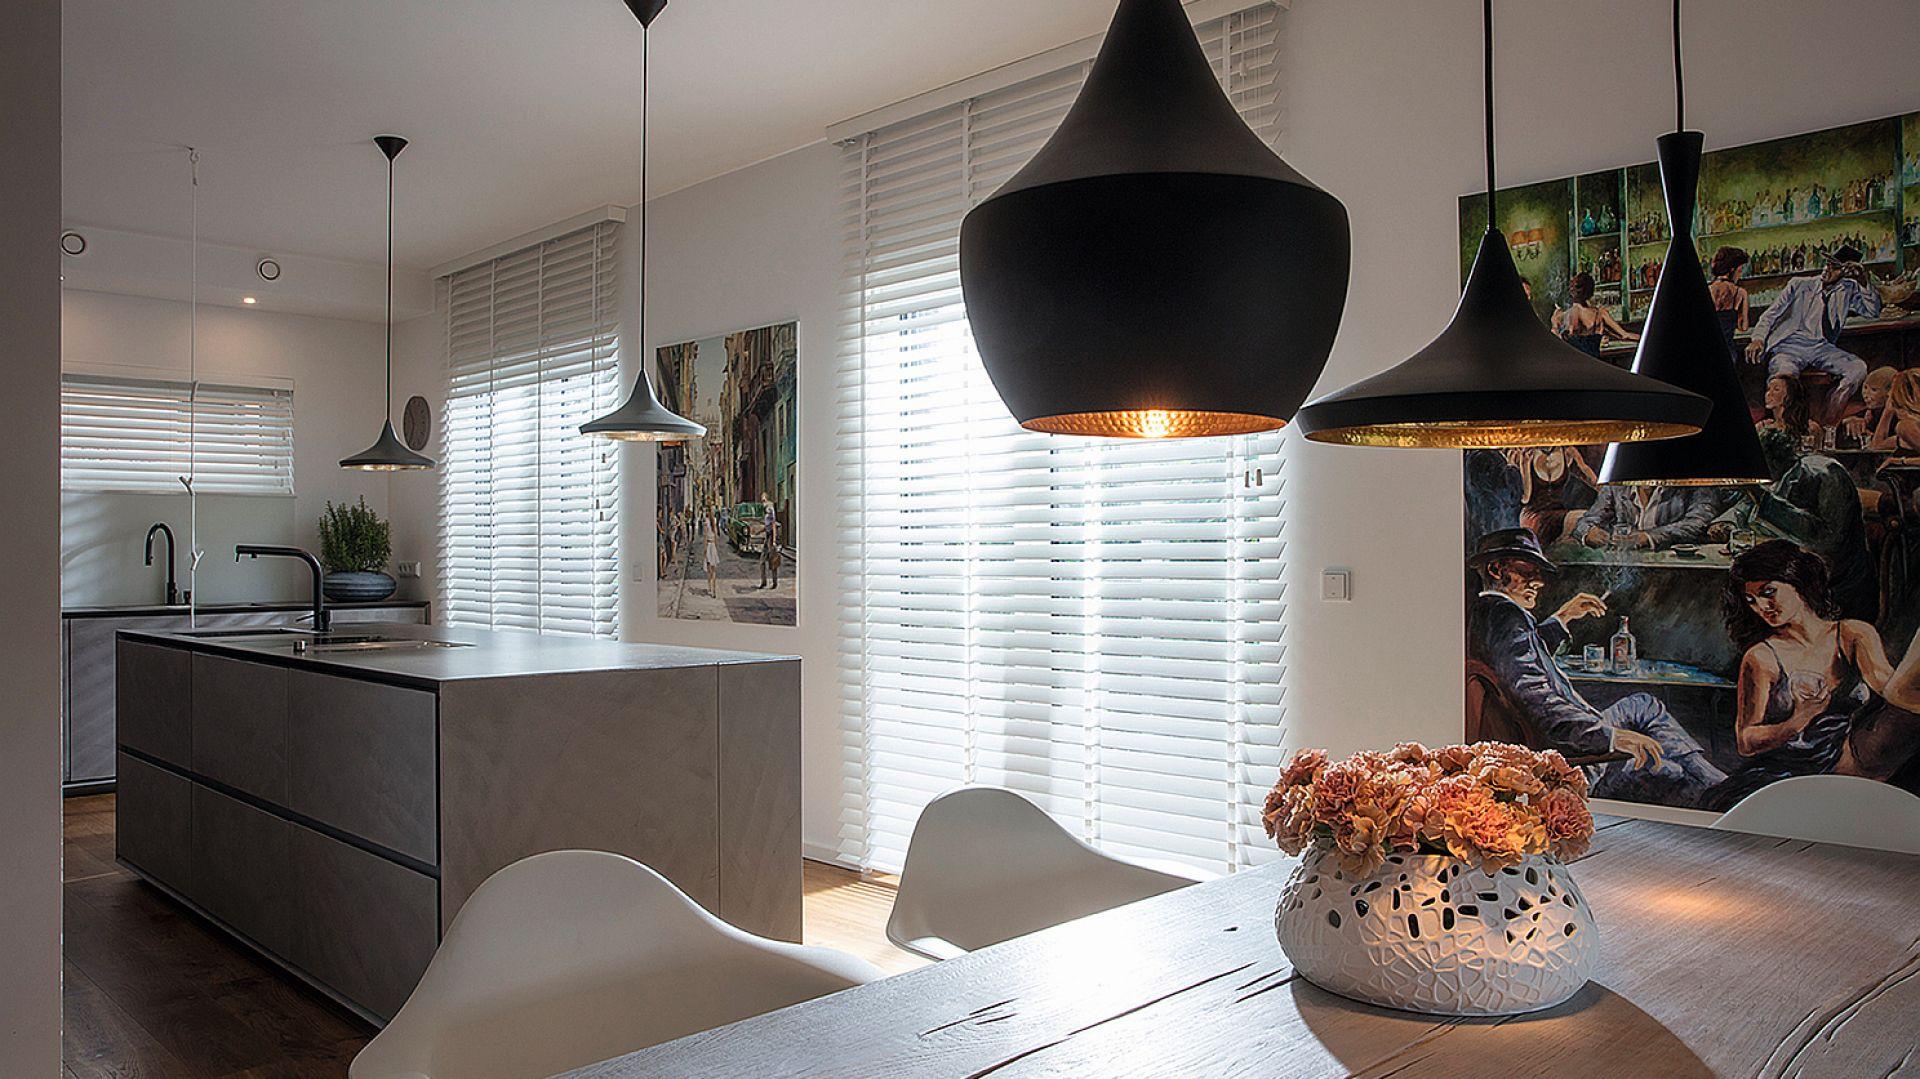 Żaluzje drewniane Jasno Blind pozwalają w łatwy sposób operować światłem słonecznym i cieniem. Do wyboru różne szerokości lameli oraz cała gama ciepłych i świeżych barw. Jasno, www.jasnoshutters.pl